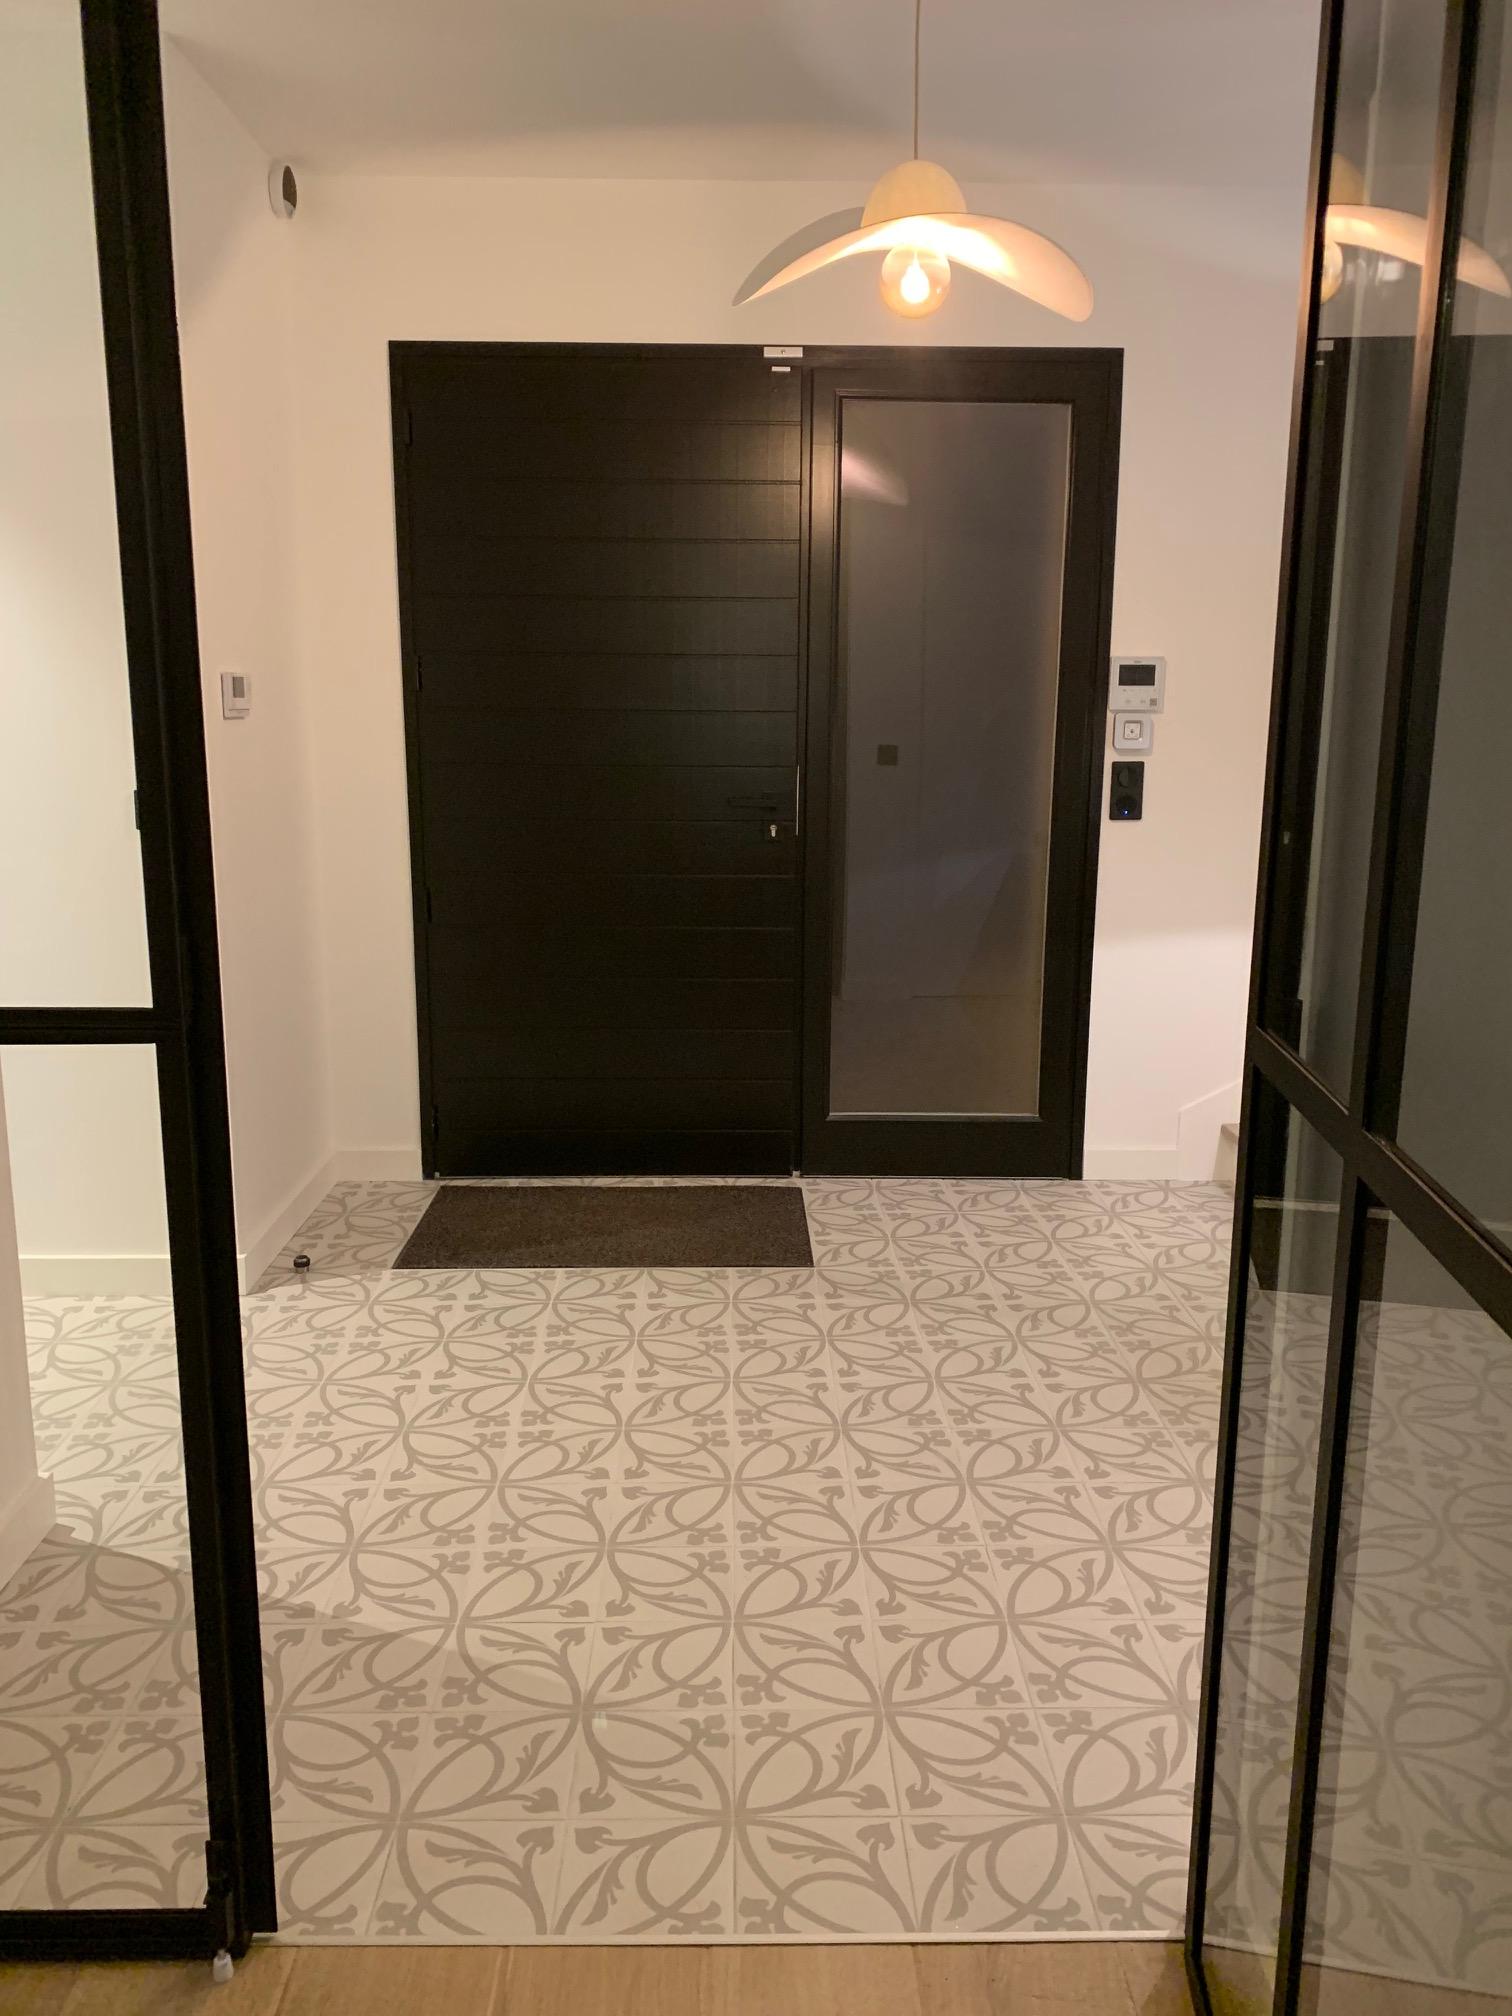 Entree D Une Maison Moderne Avec Un Sol Carrele En Imitation Carreaux De Ciments Et Paillasson Encastre In 2020 Framed Bathroom Mirror Bathroom Mirror Home Remodeling